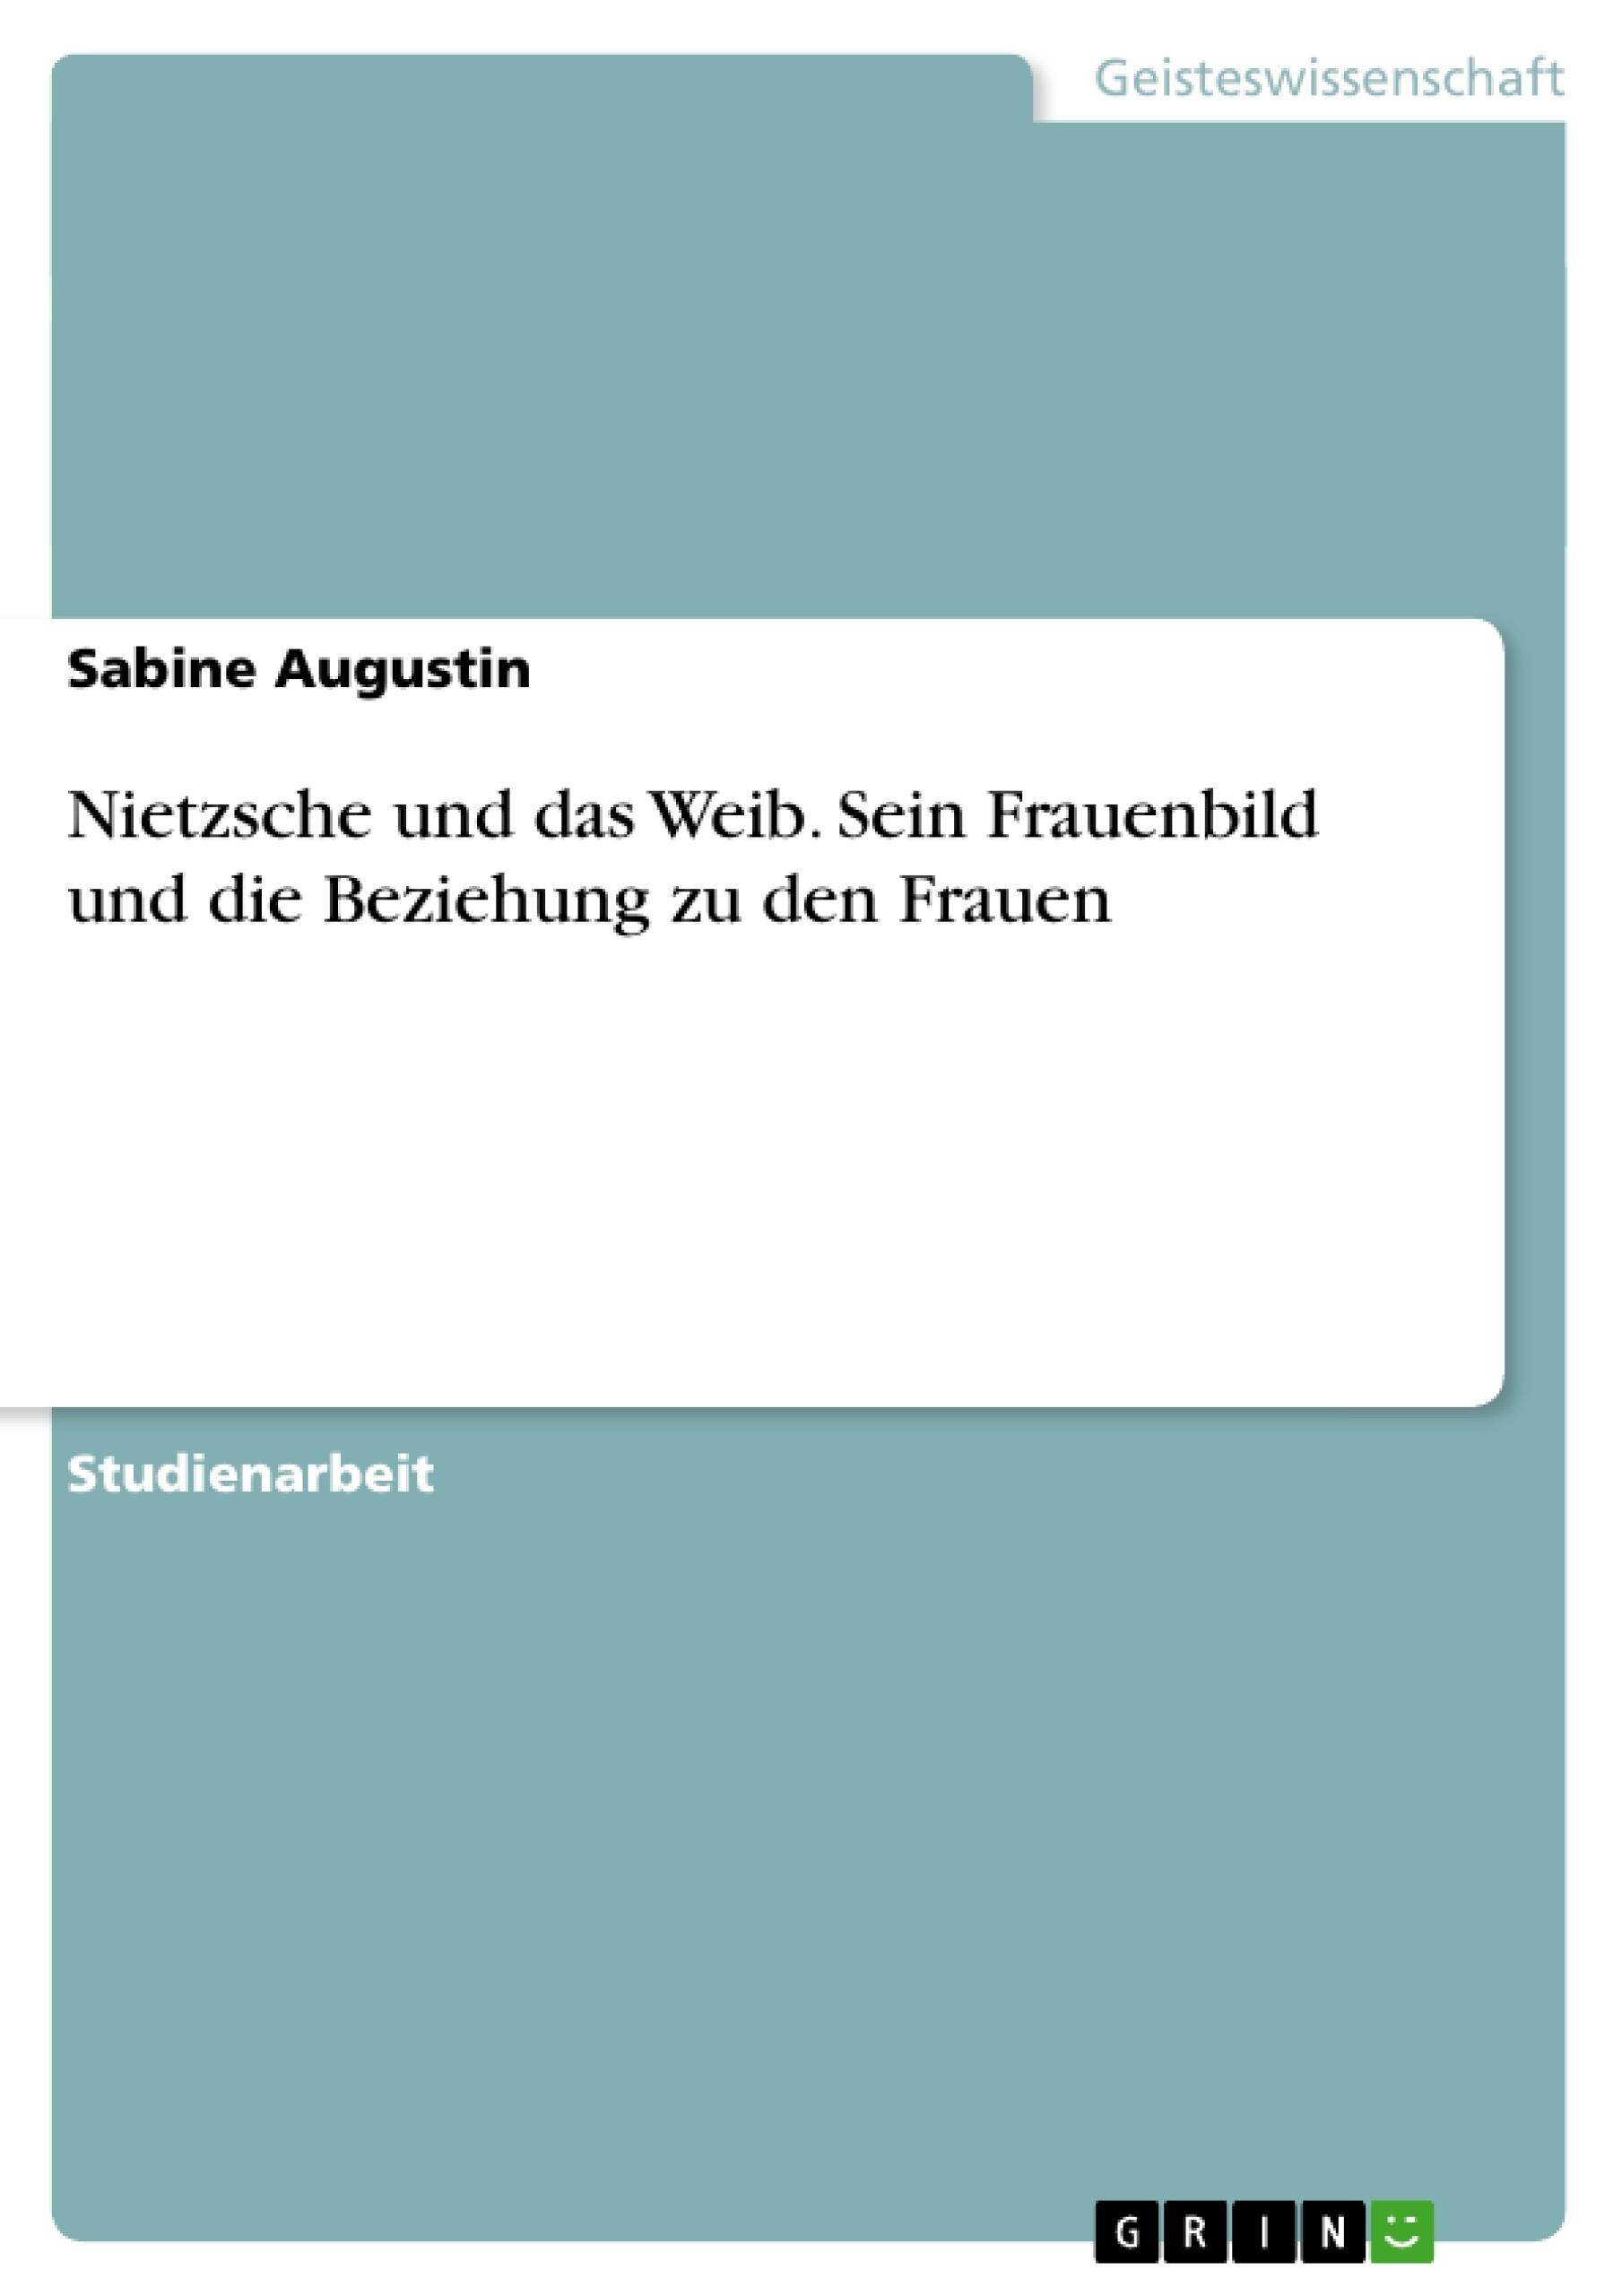 Titel: Nietzsche und das Weib. Sein Frauenbild und die Beziehung zu den Frauen